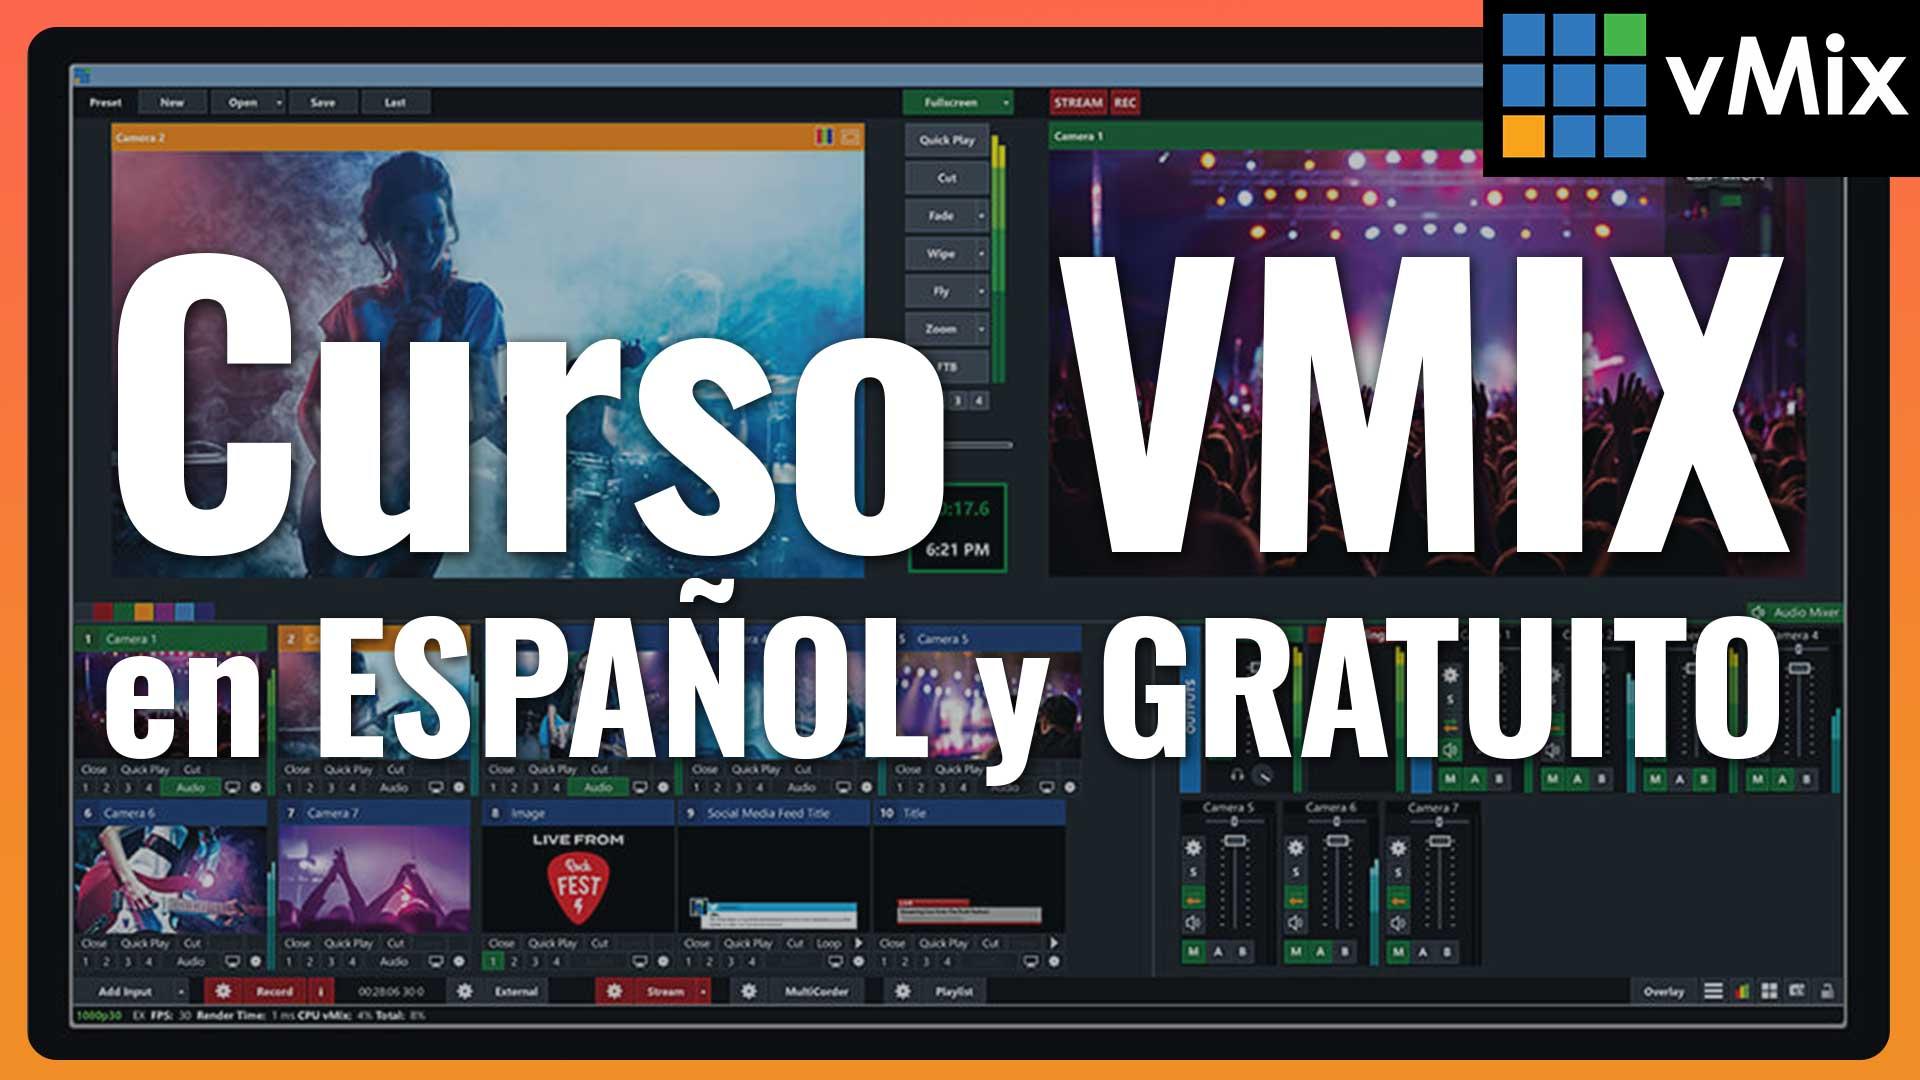 Curso Gratis para aprender VMix con Ginés Romero